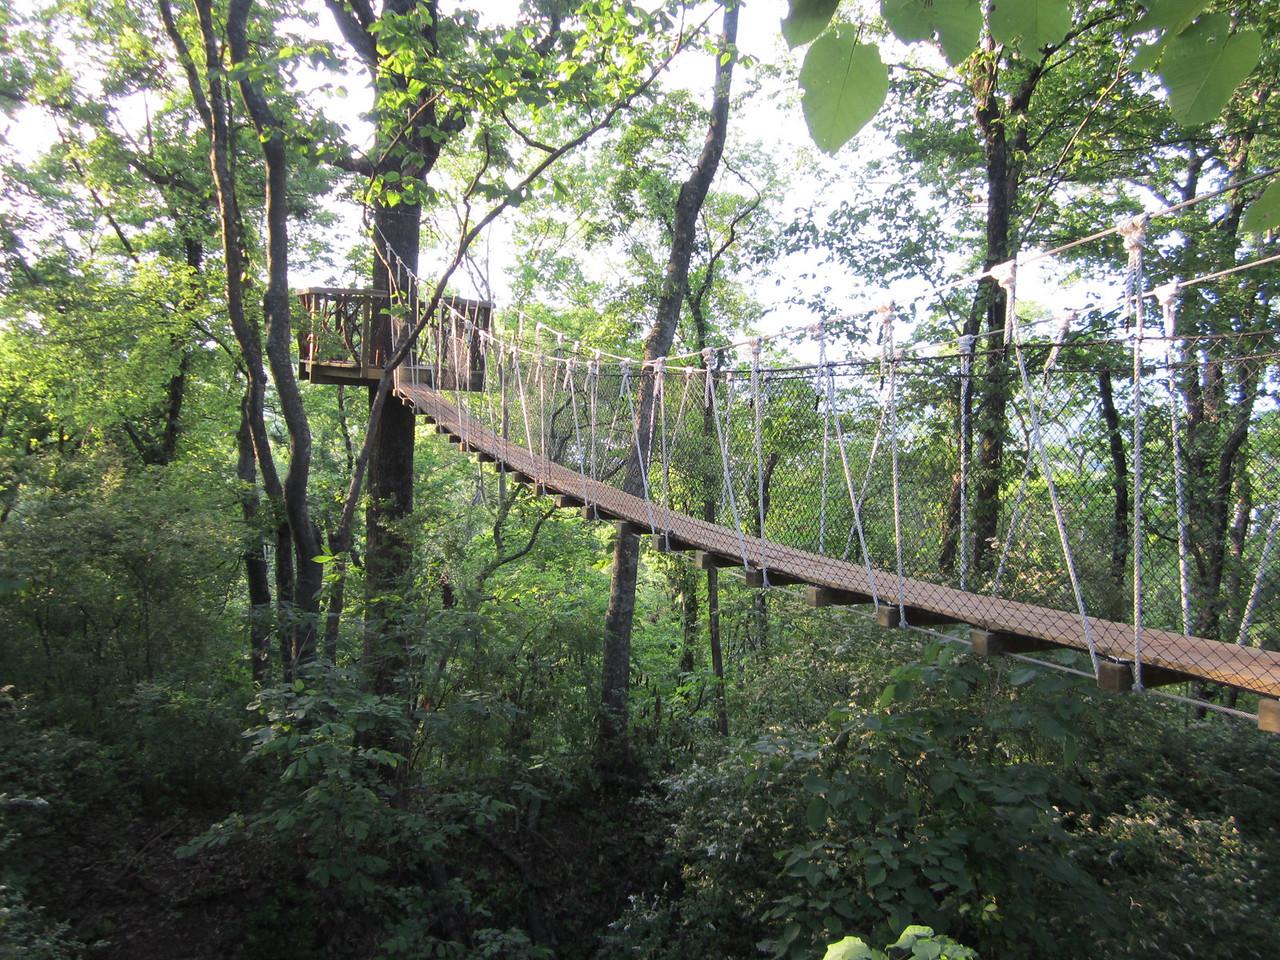 Bridge and tree house - Birmingham AL